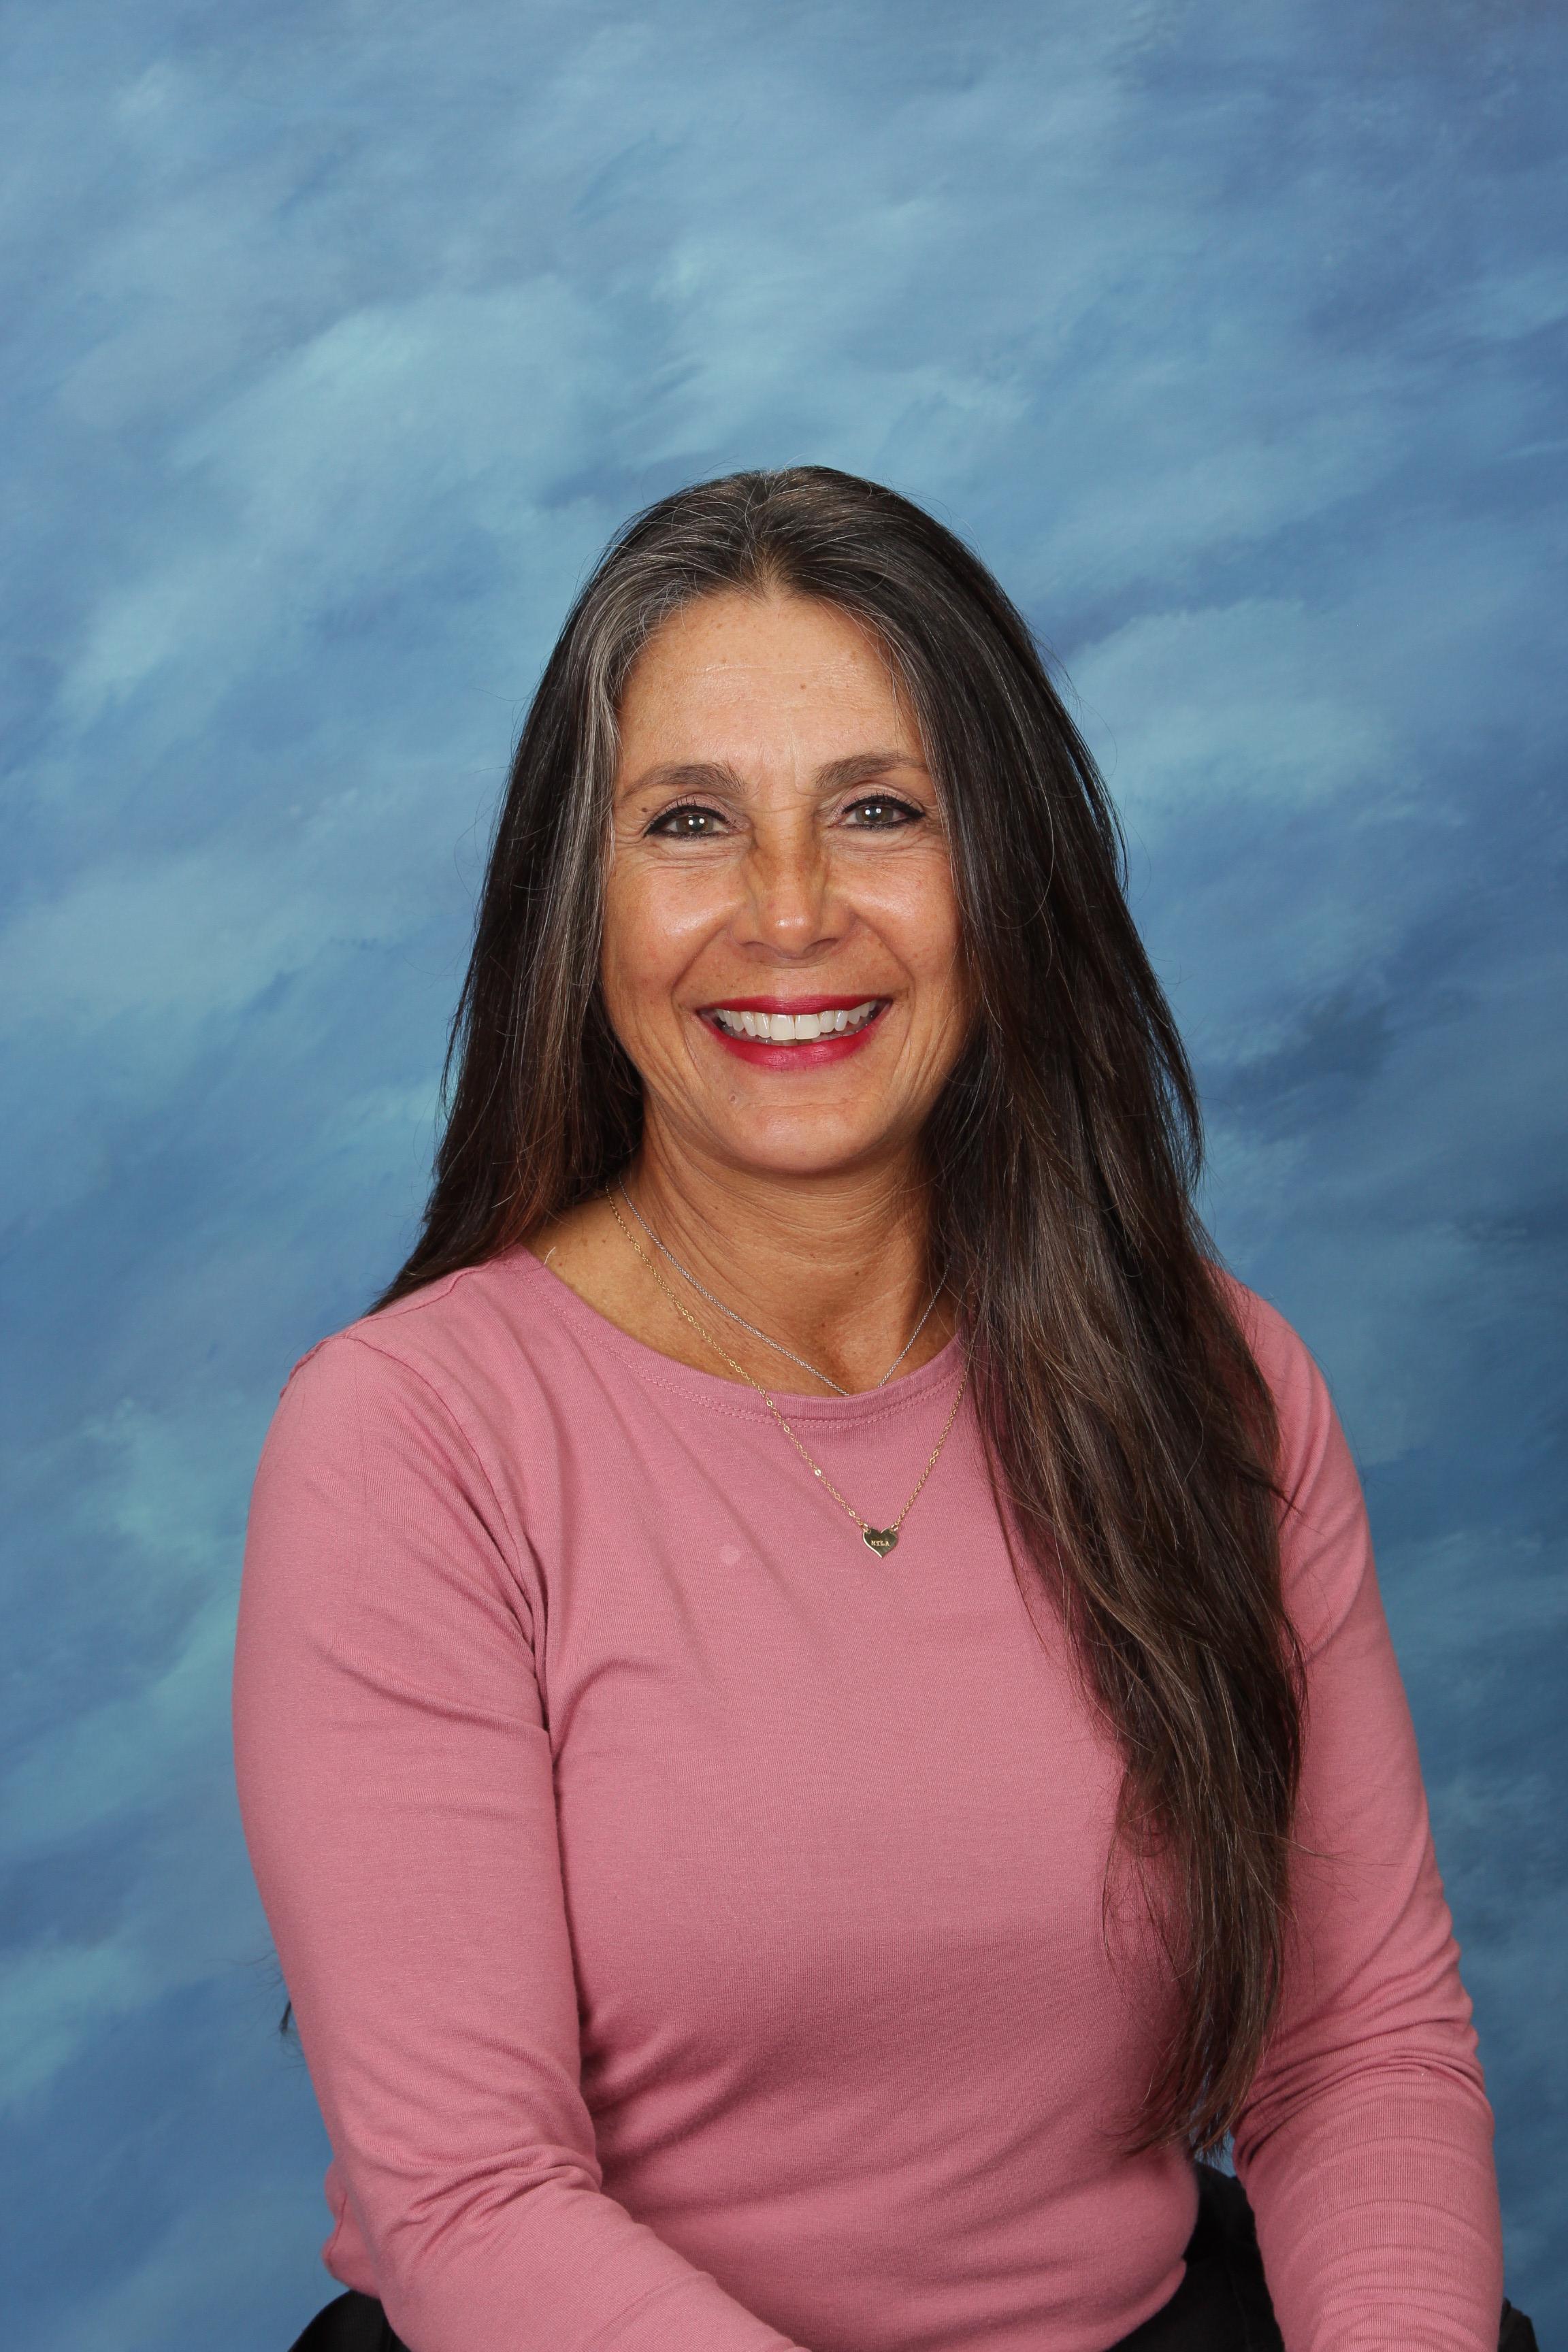 Gina Florio